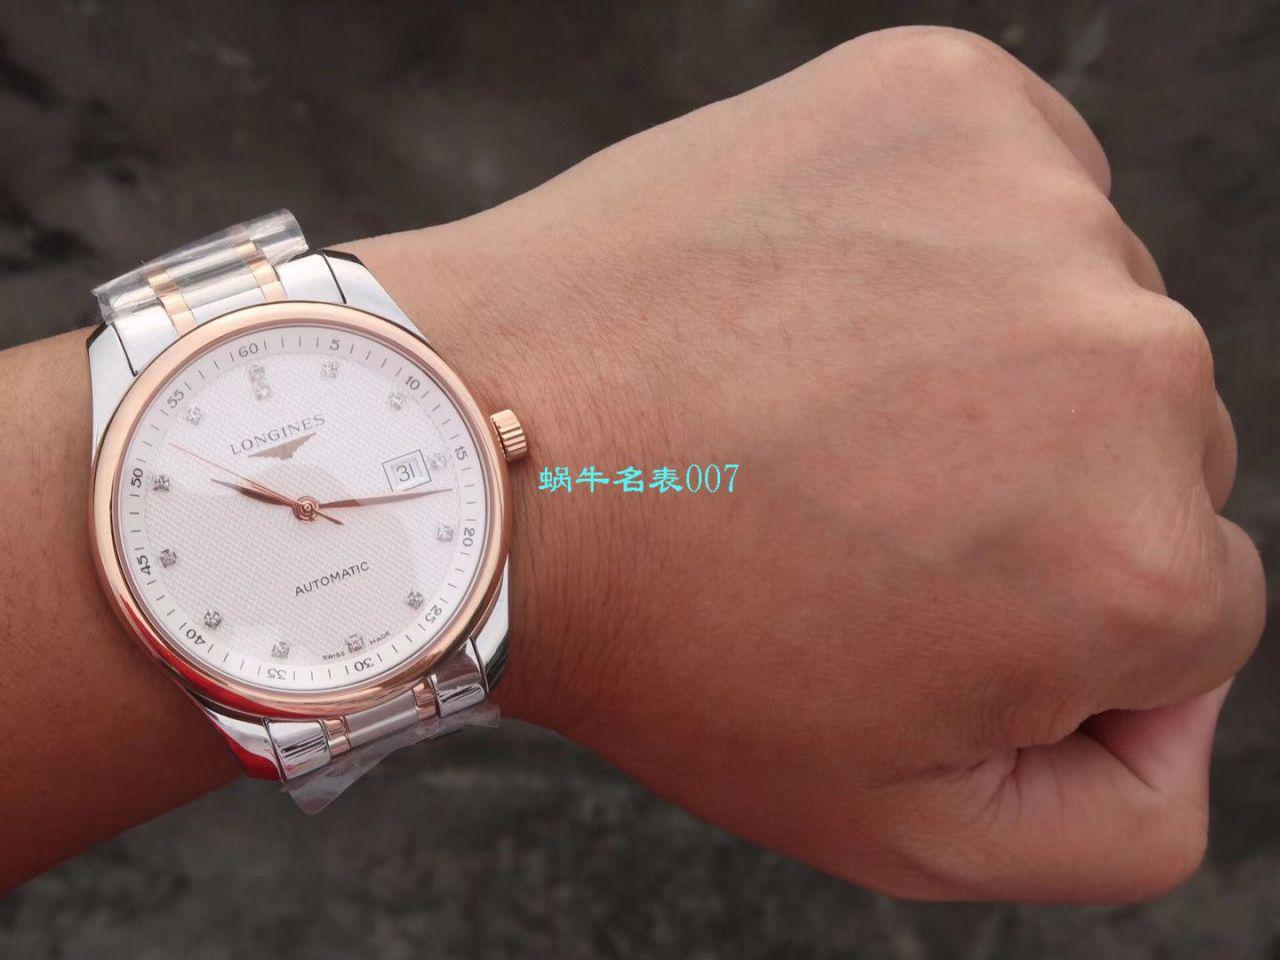 【V9厂顶级复刻手表】浪琴名匠单历系列L2.793.5.97.7腕表 / L136